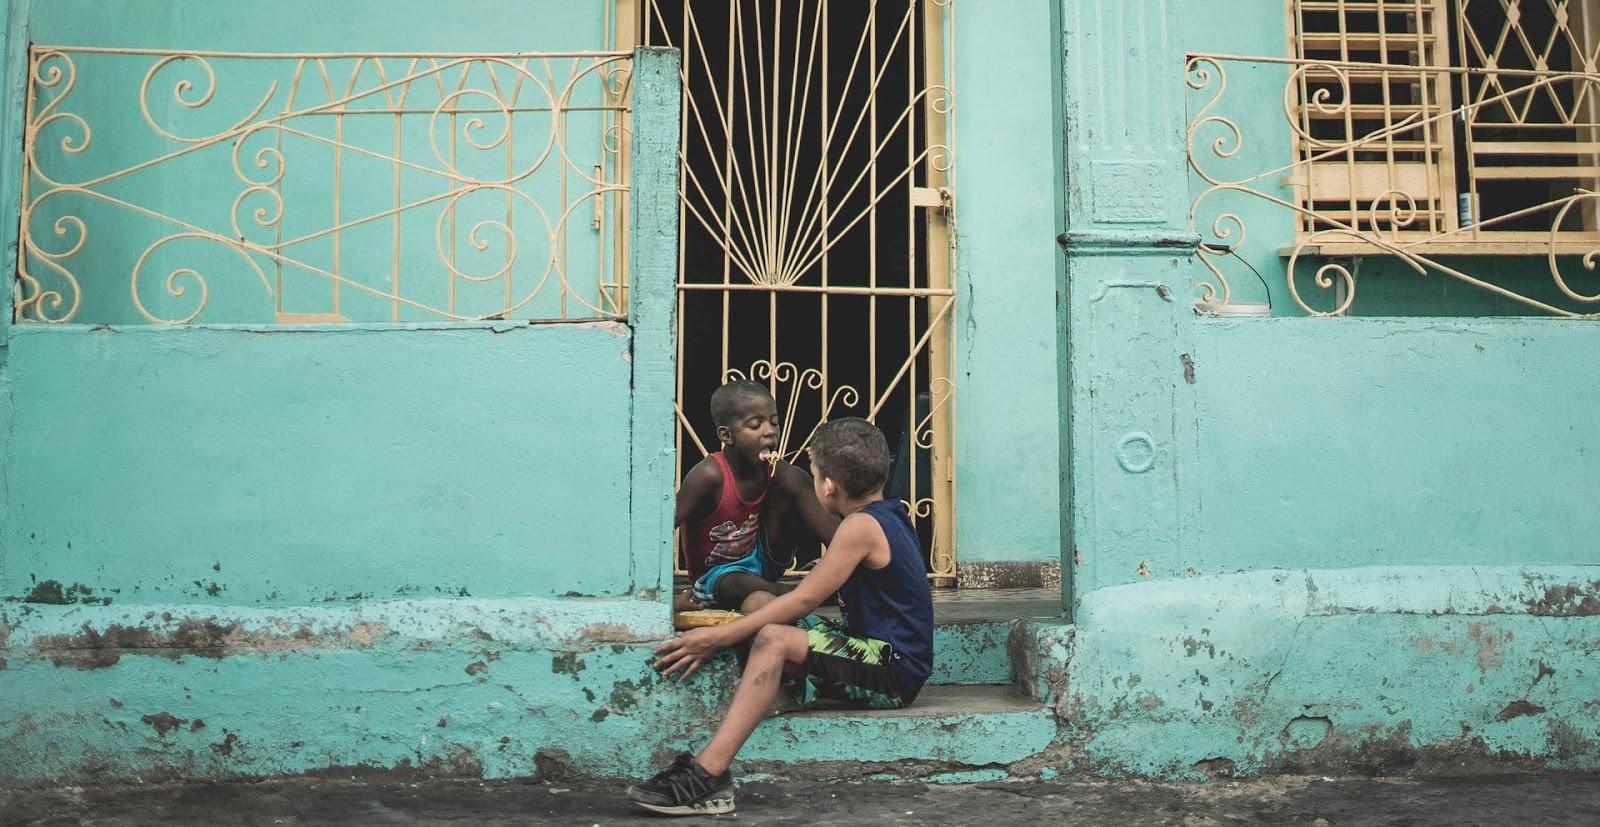 Chuyến du hành ngược dòng thời gian trên đất nước Cuba